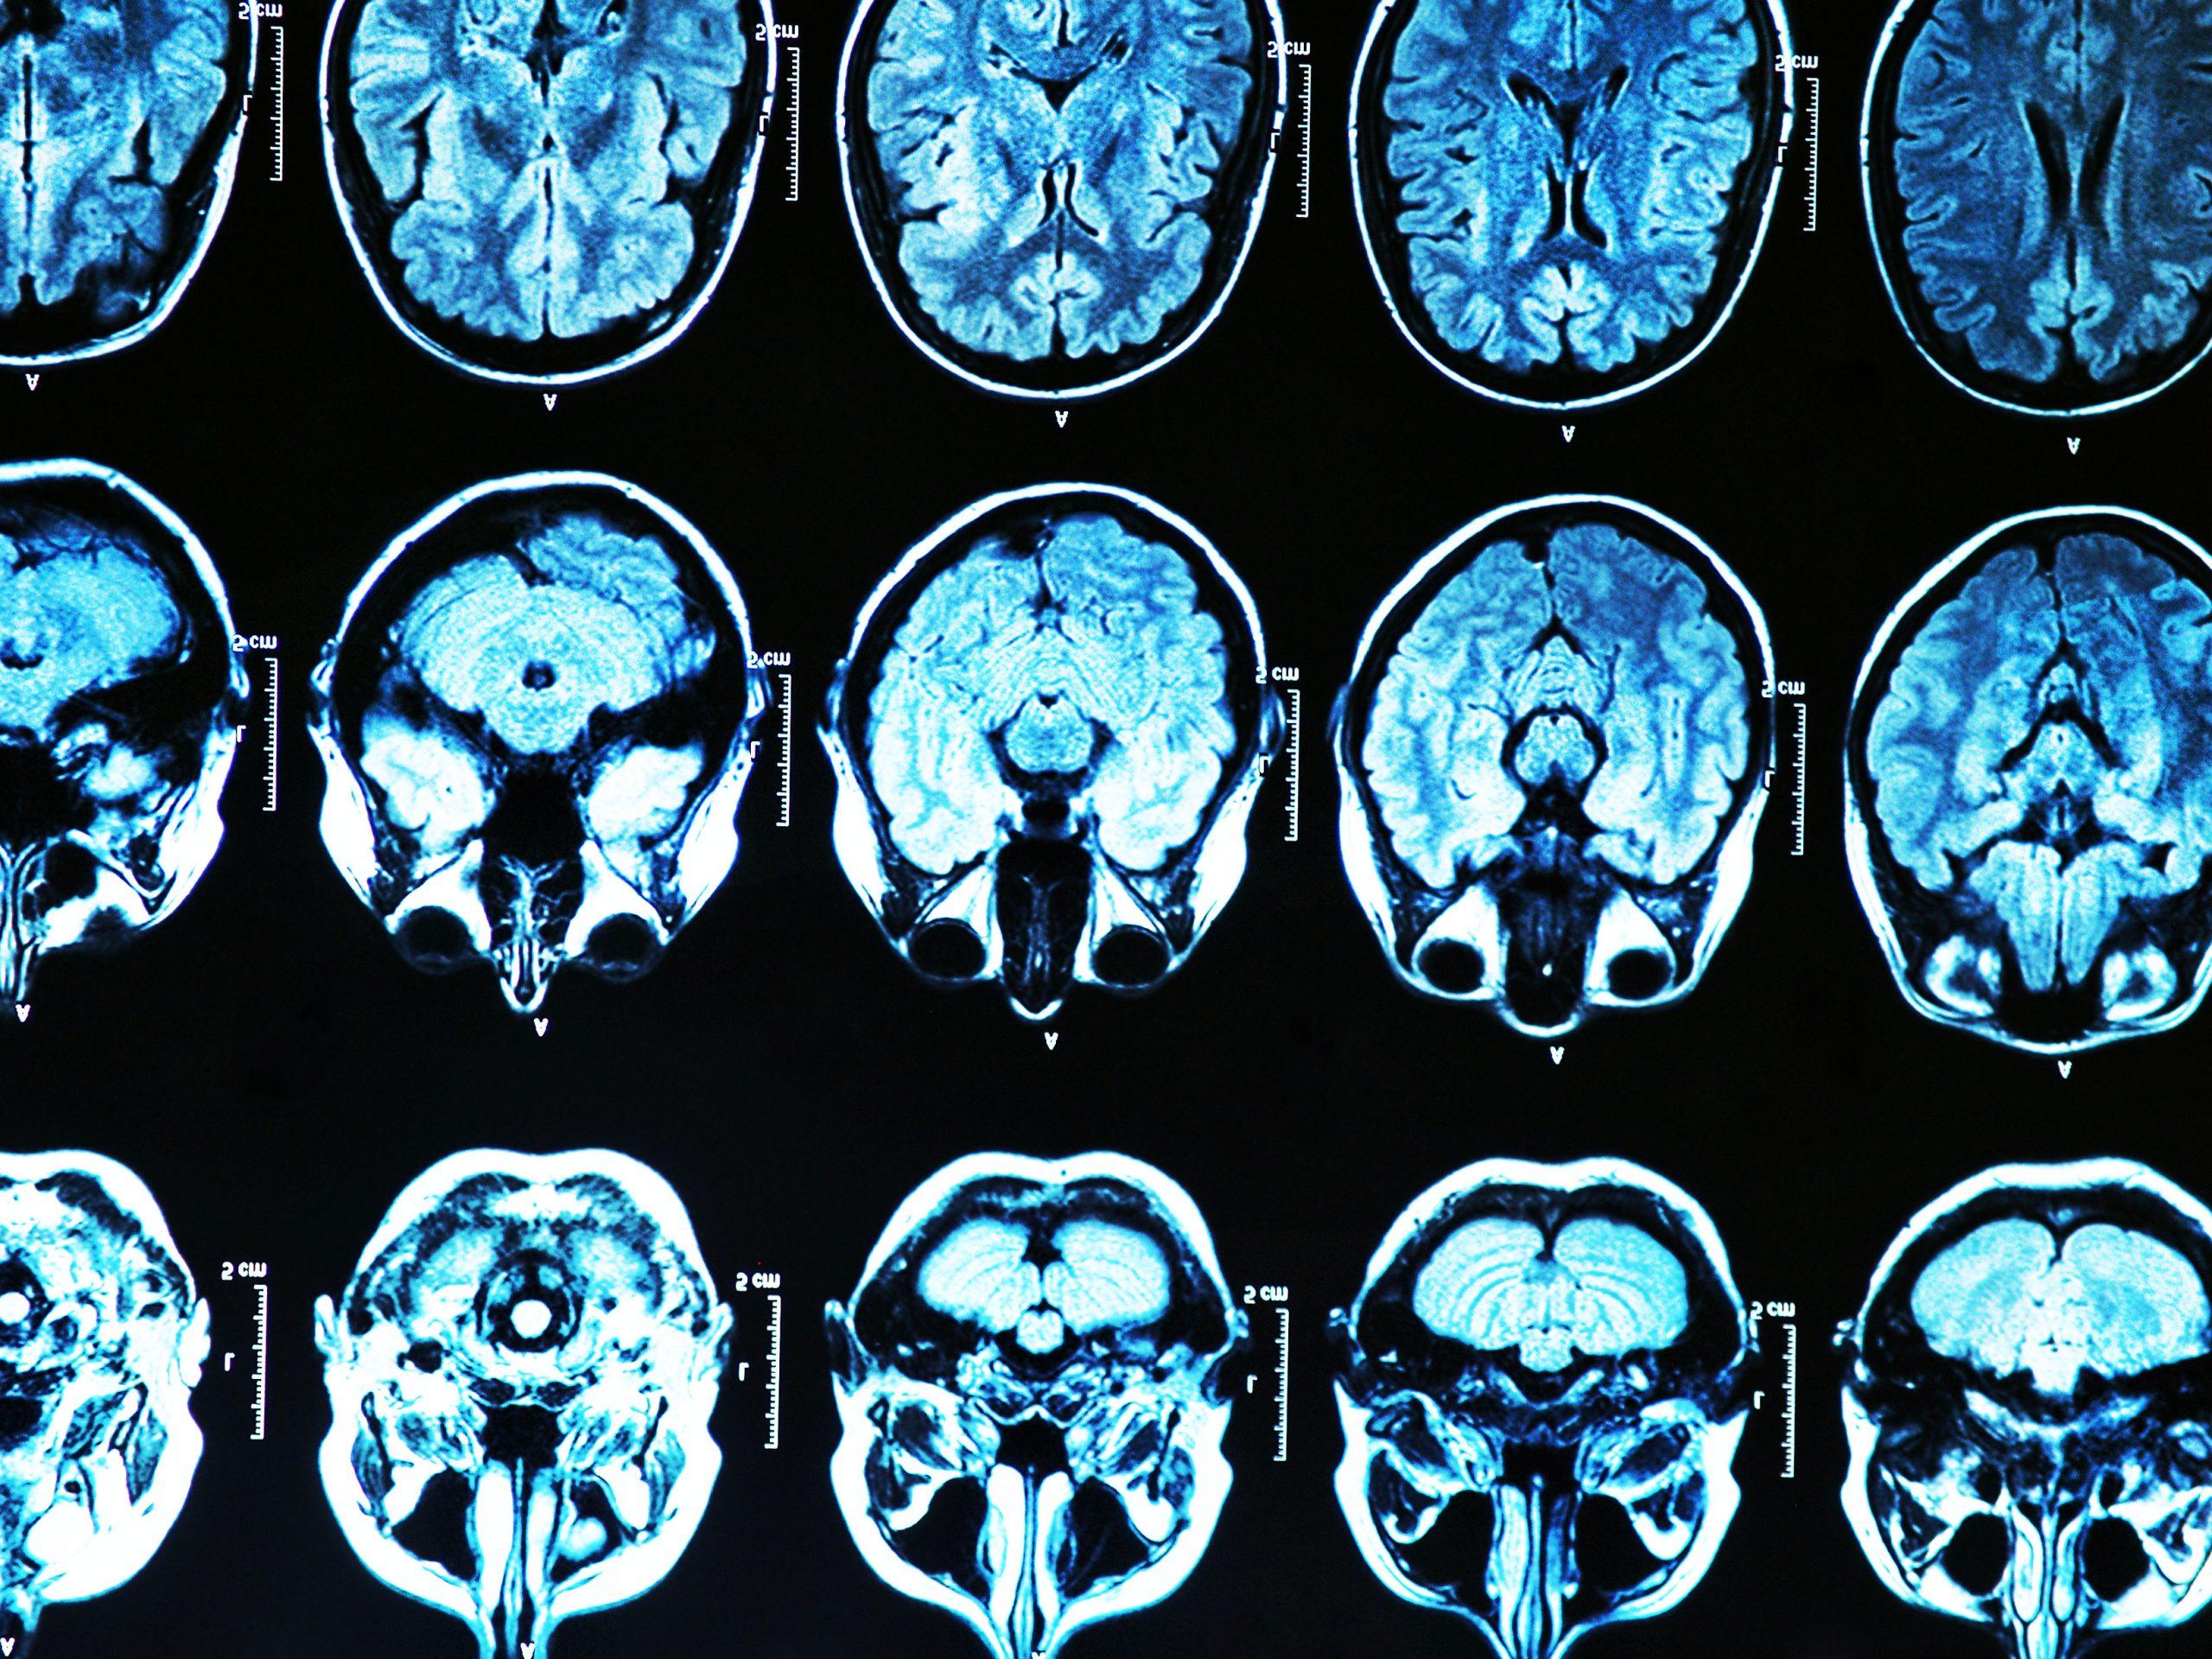 Αλτσχάιμερ γονίδια: Ανακαλύφθηκαν νέες παραλλαγές που τροποποιούν τον κίνδυνο